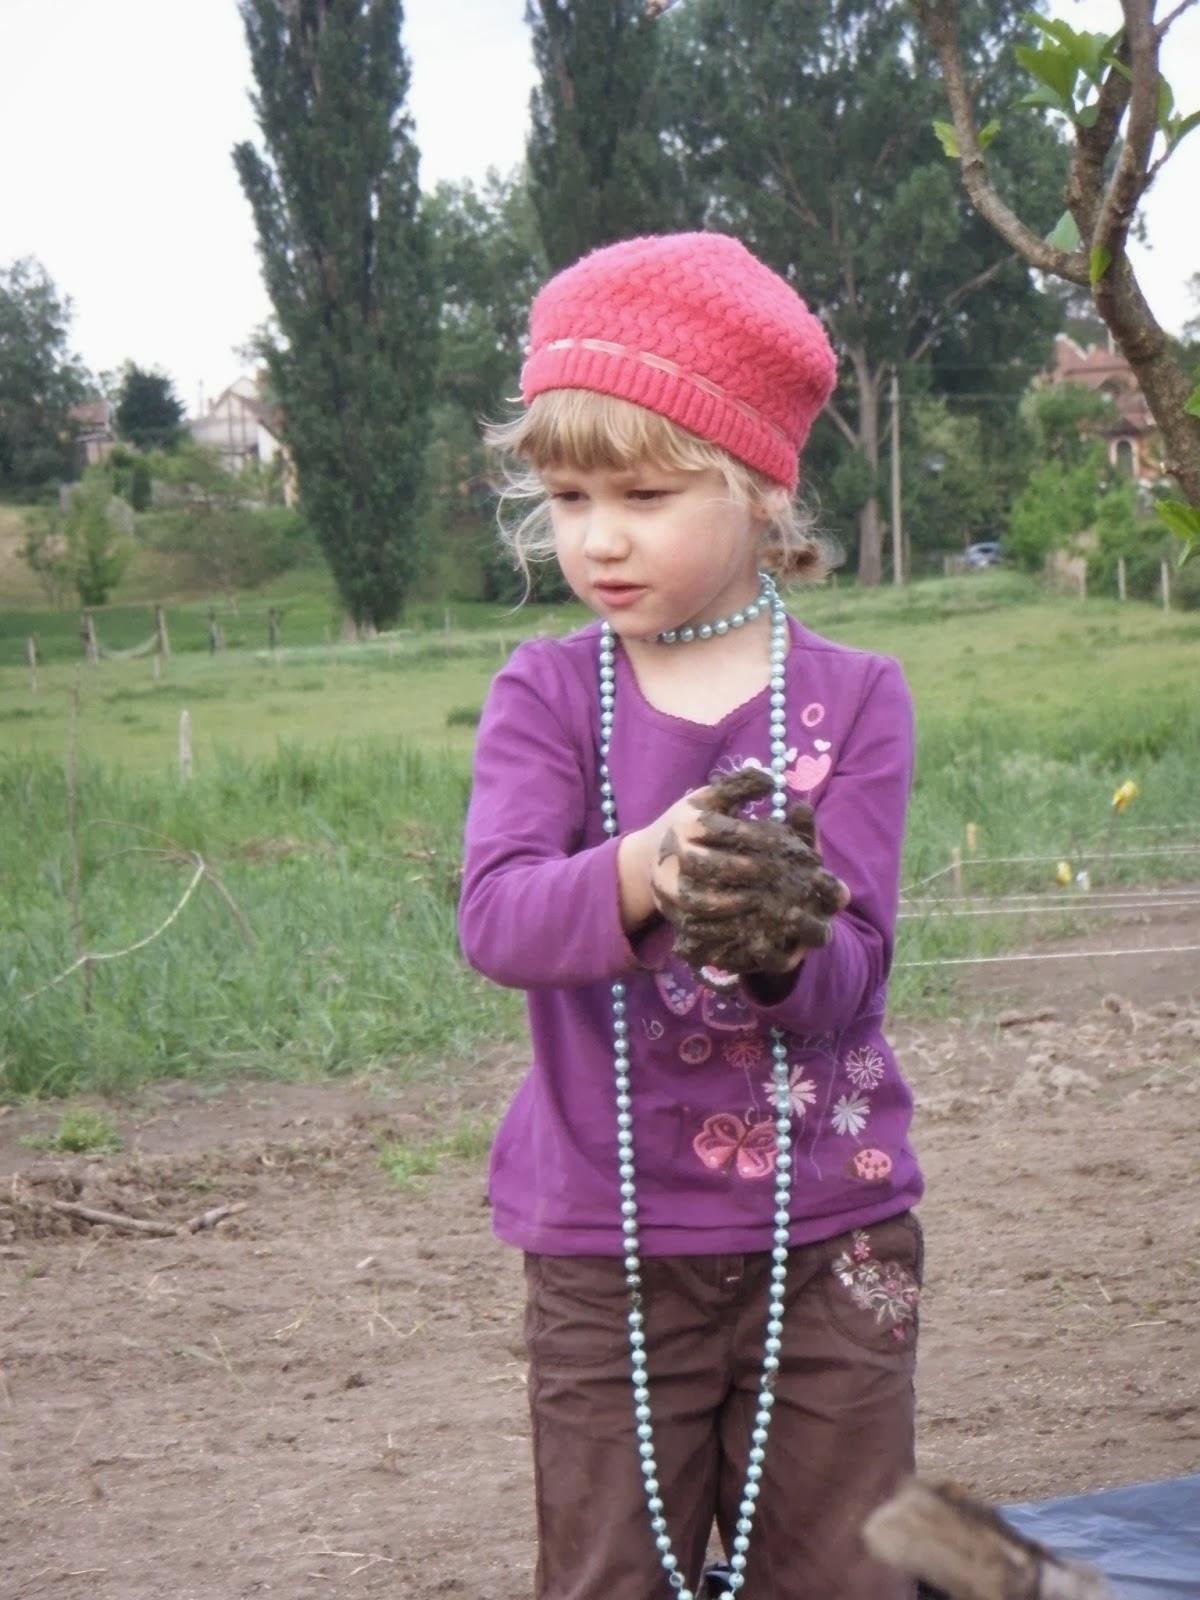 Dunakeszi közösségi kert - Dunakert: biozöldség - gyerekkel, családdal, együtt